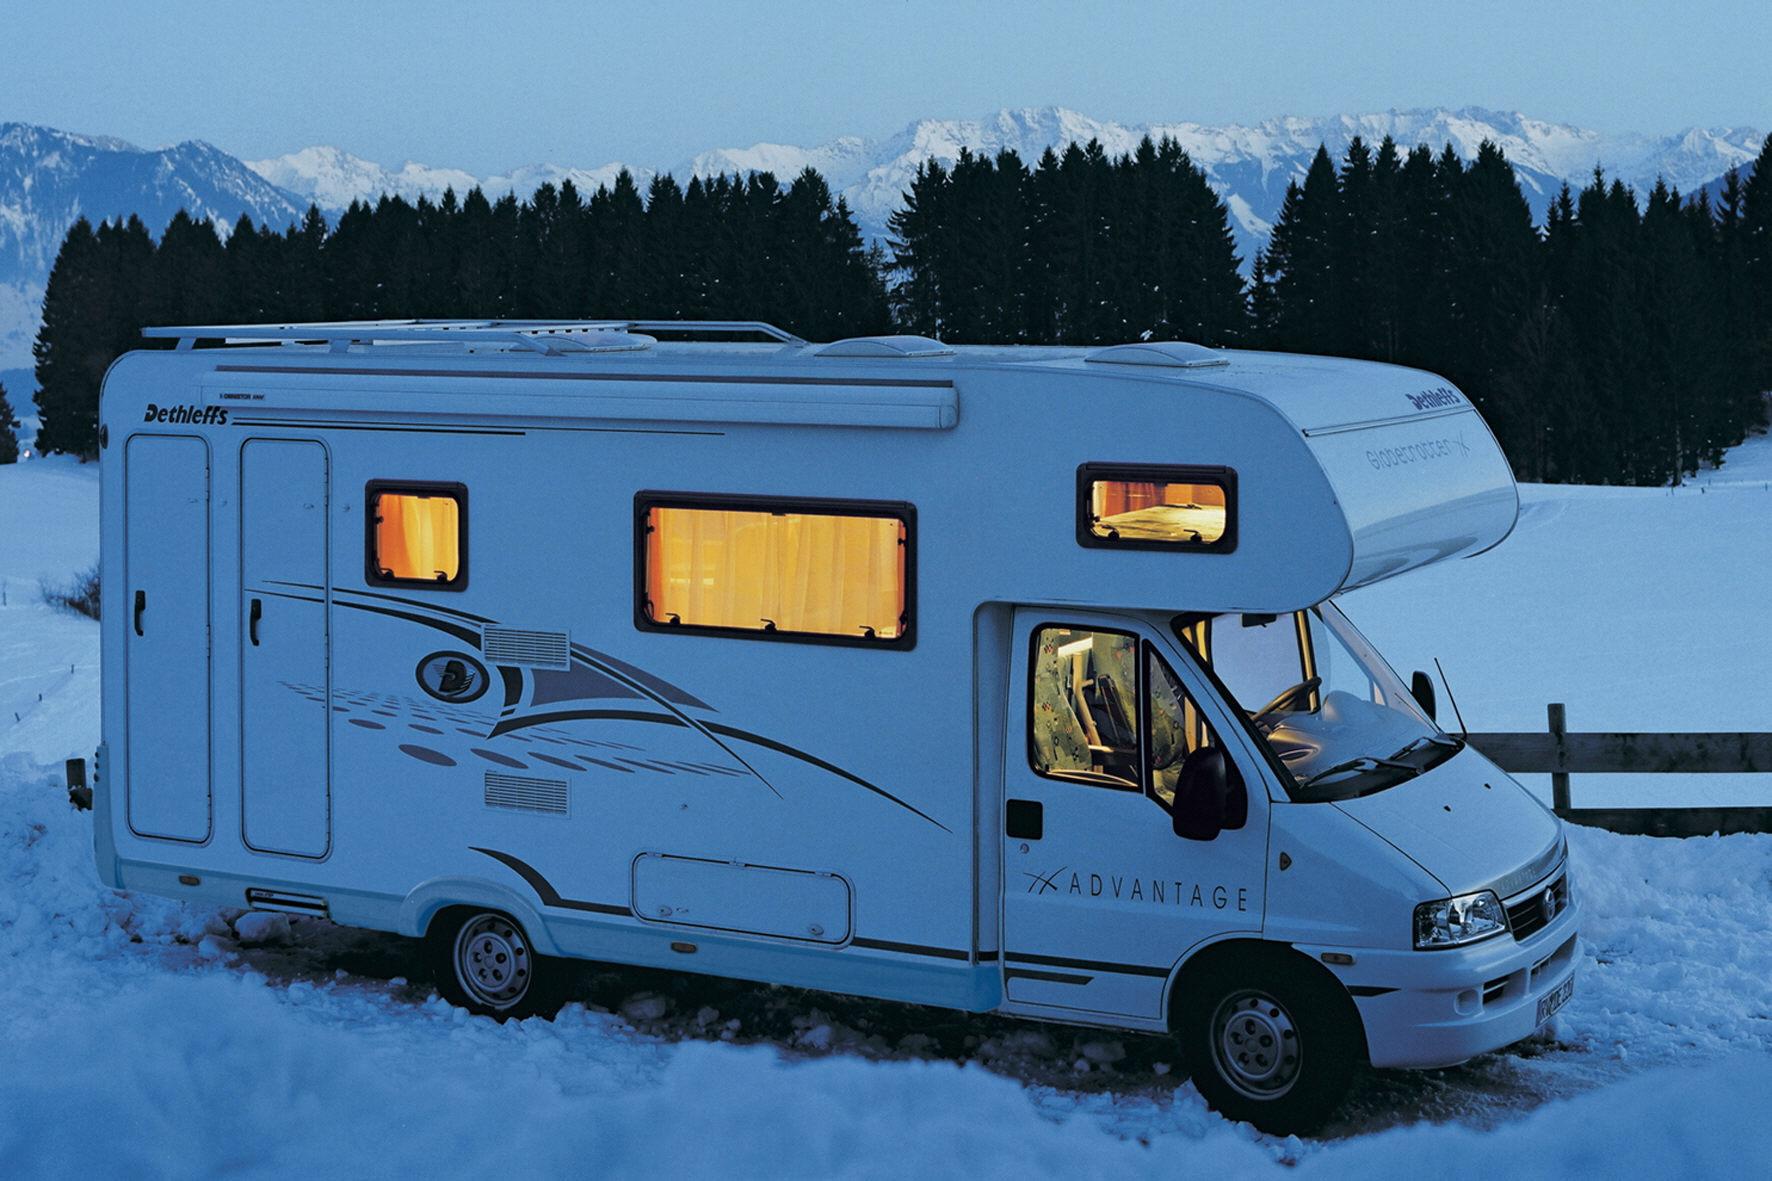 mid Düsseldorf - Wintercamper müssen ihr Fahrzeug gut vorbereiten, um auf Reisen und dem Campingplatz keine böse Überraschung zu erleben.